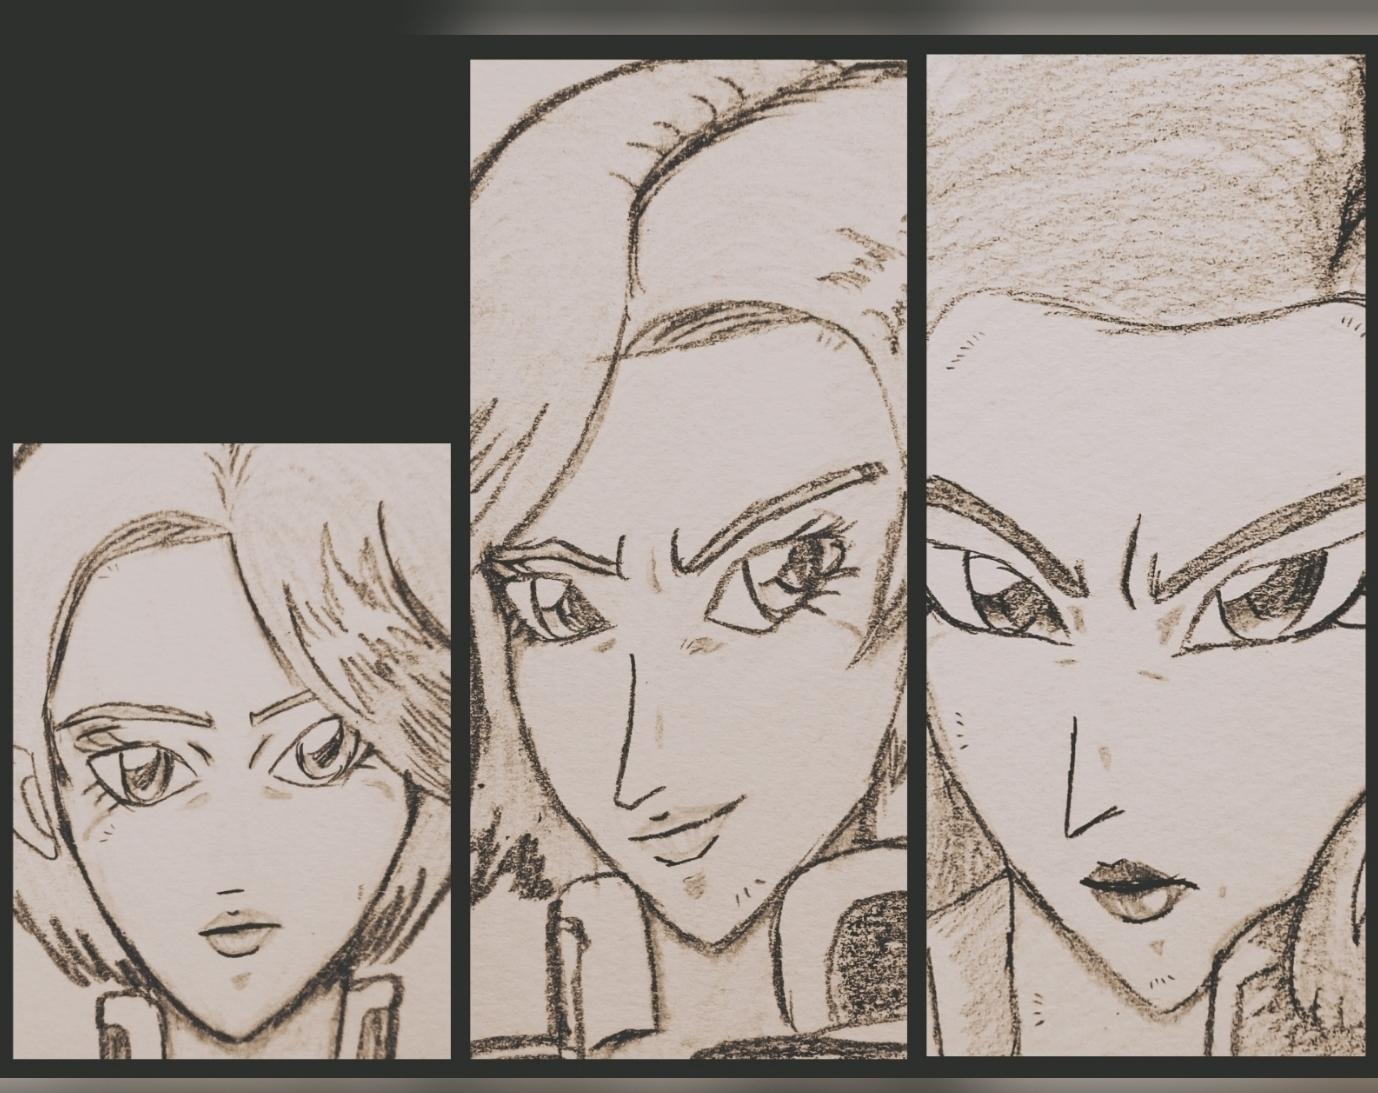 キャラ紹介の挿絵3